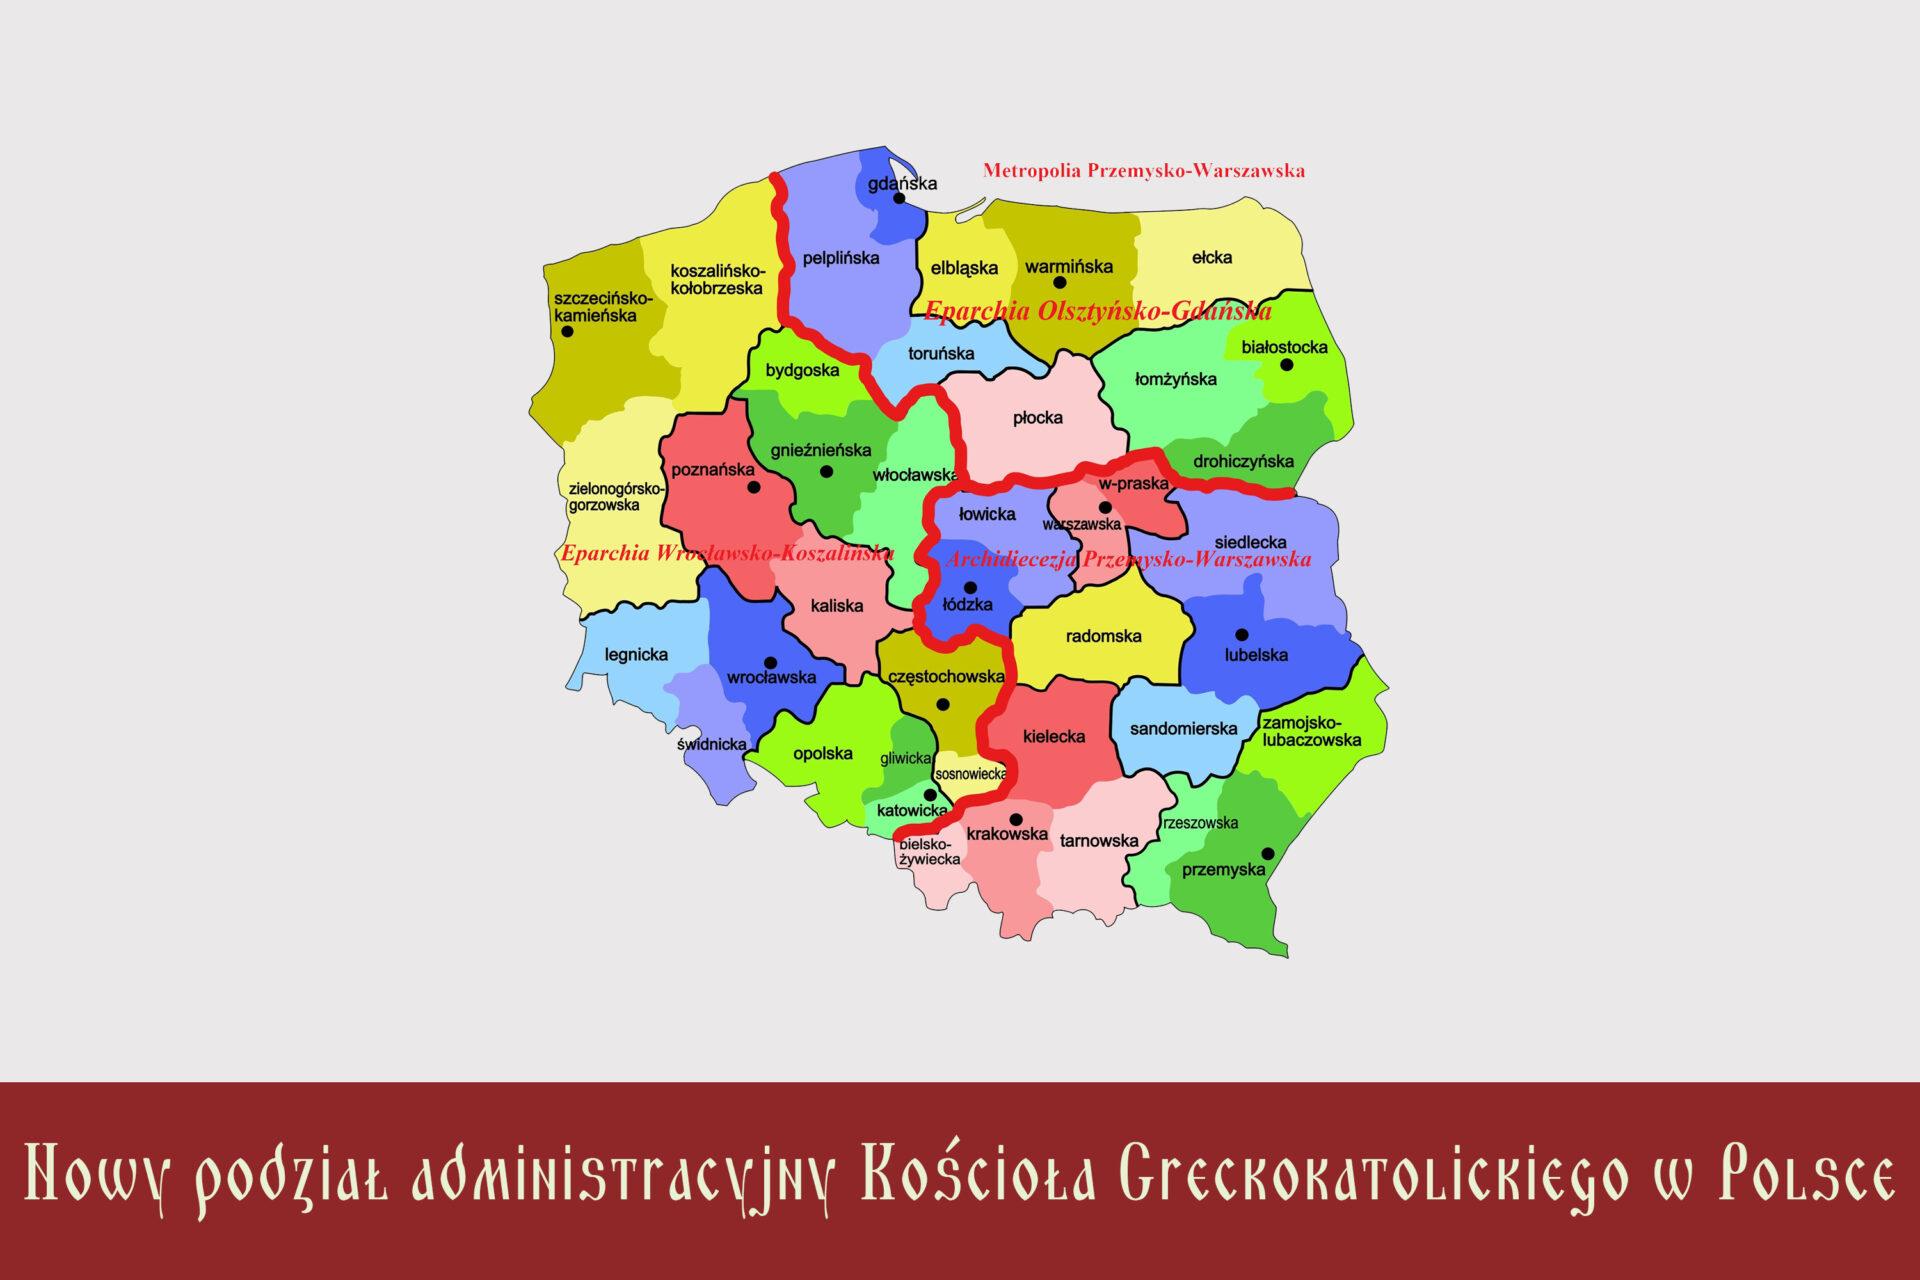 Nowy podział administracyjny Kościoła Greckokatolickiego w Polsce